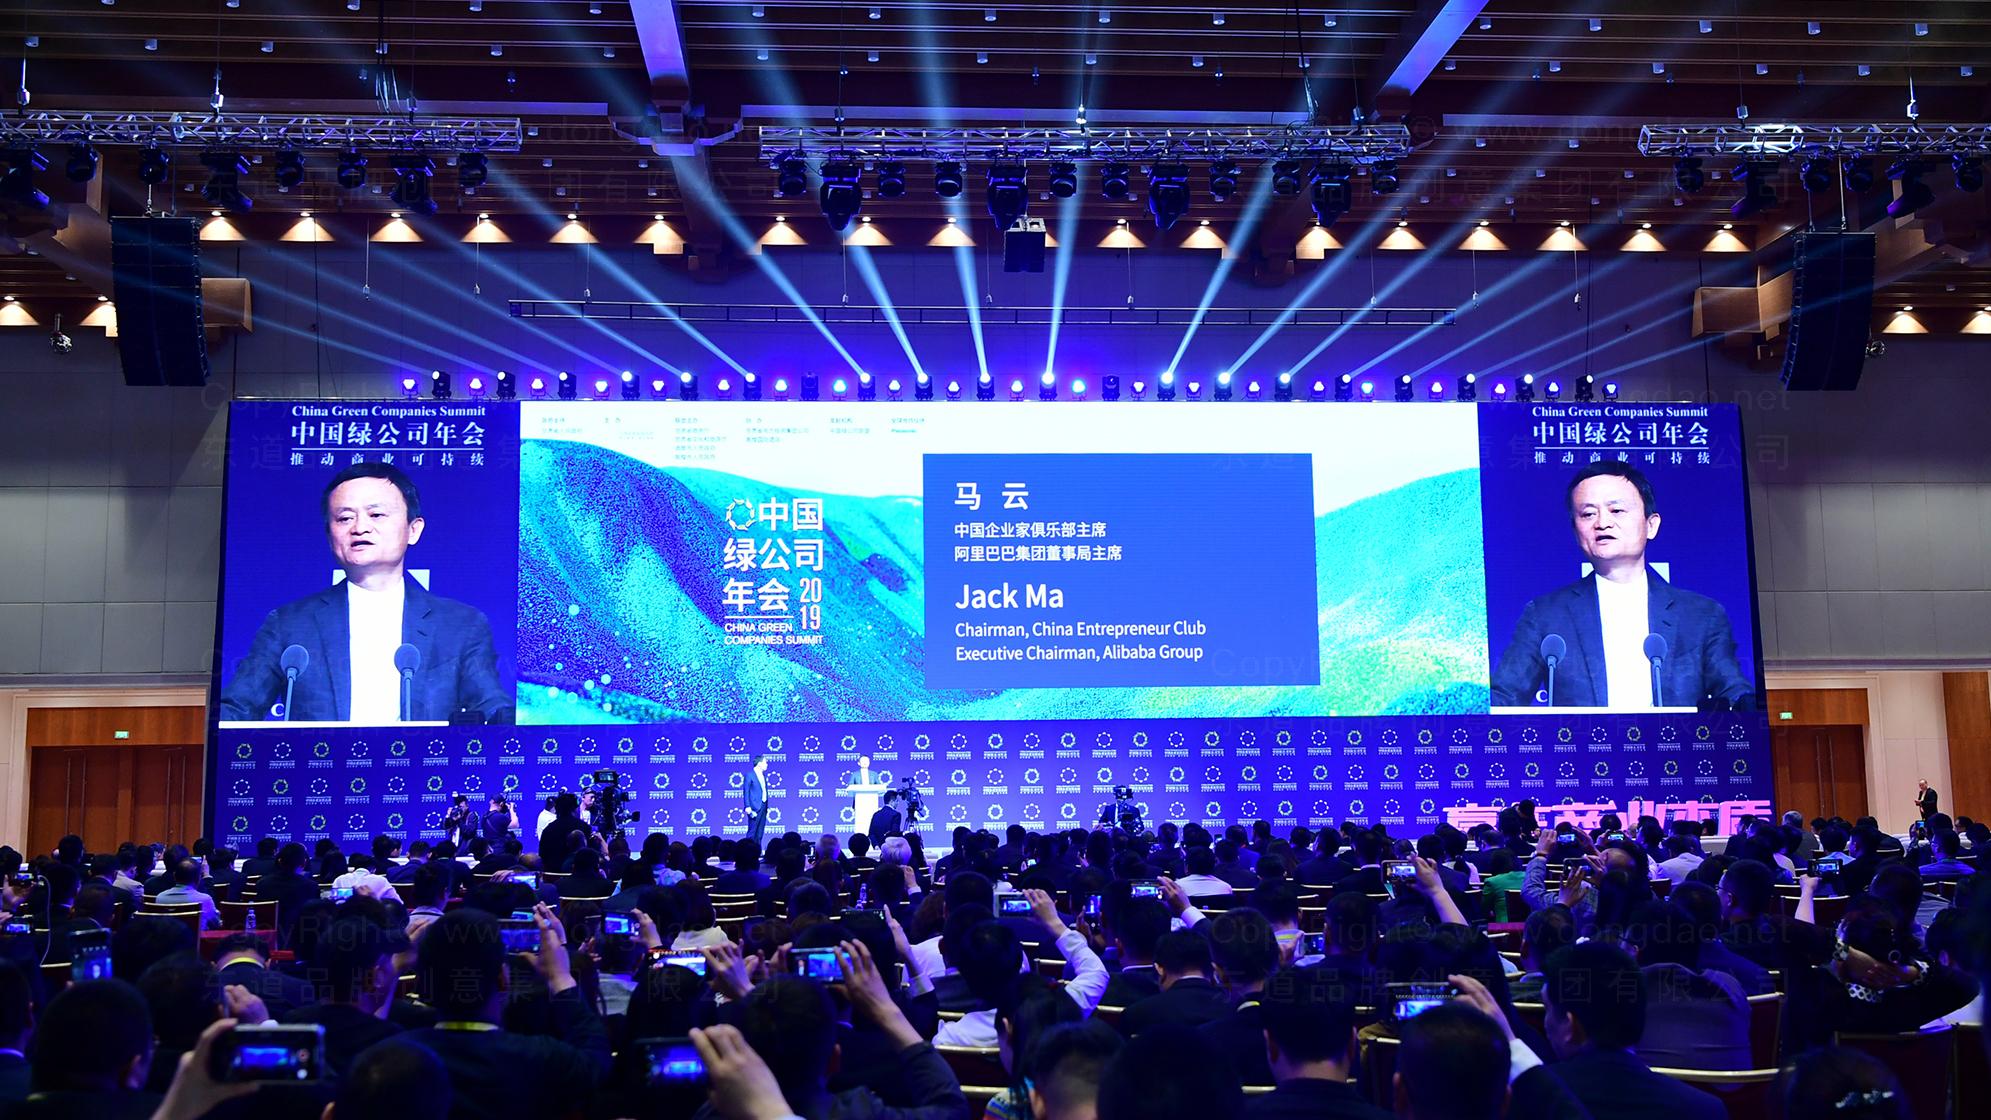 品牌设计2010中国绿公司年会LOGO设计应用场景_13